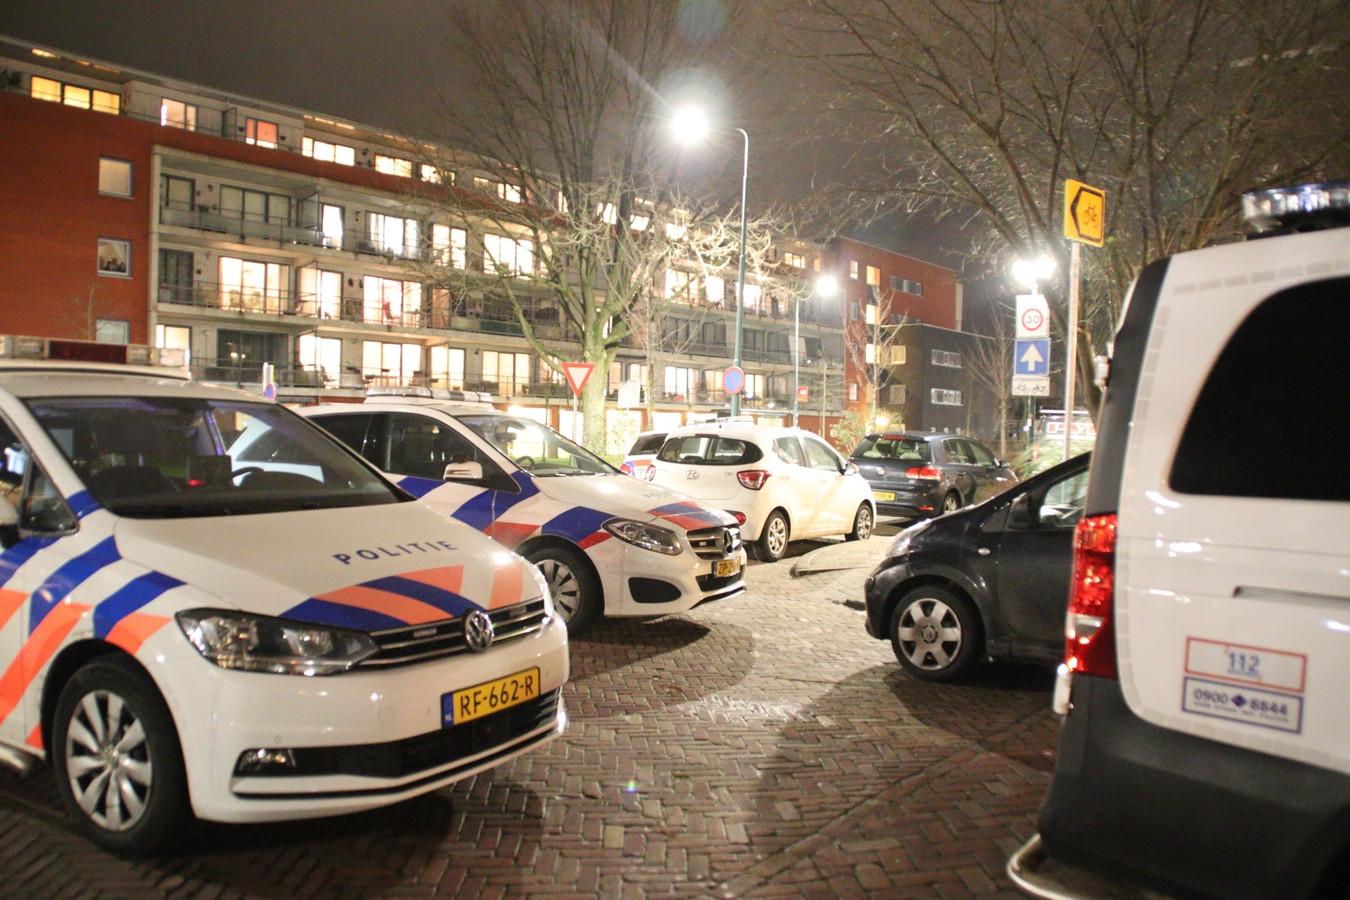 Politie op de Jan Kriegestraat in Woerden.